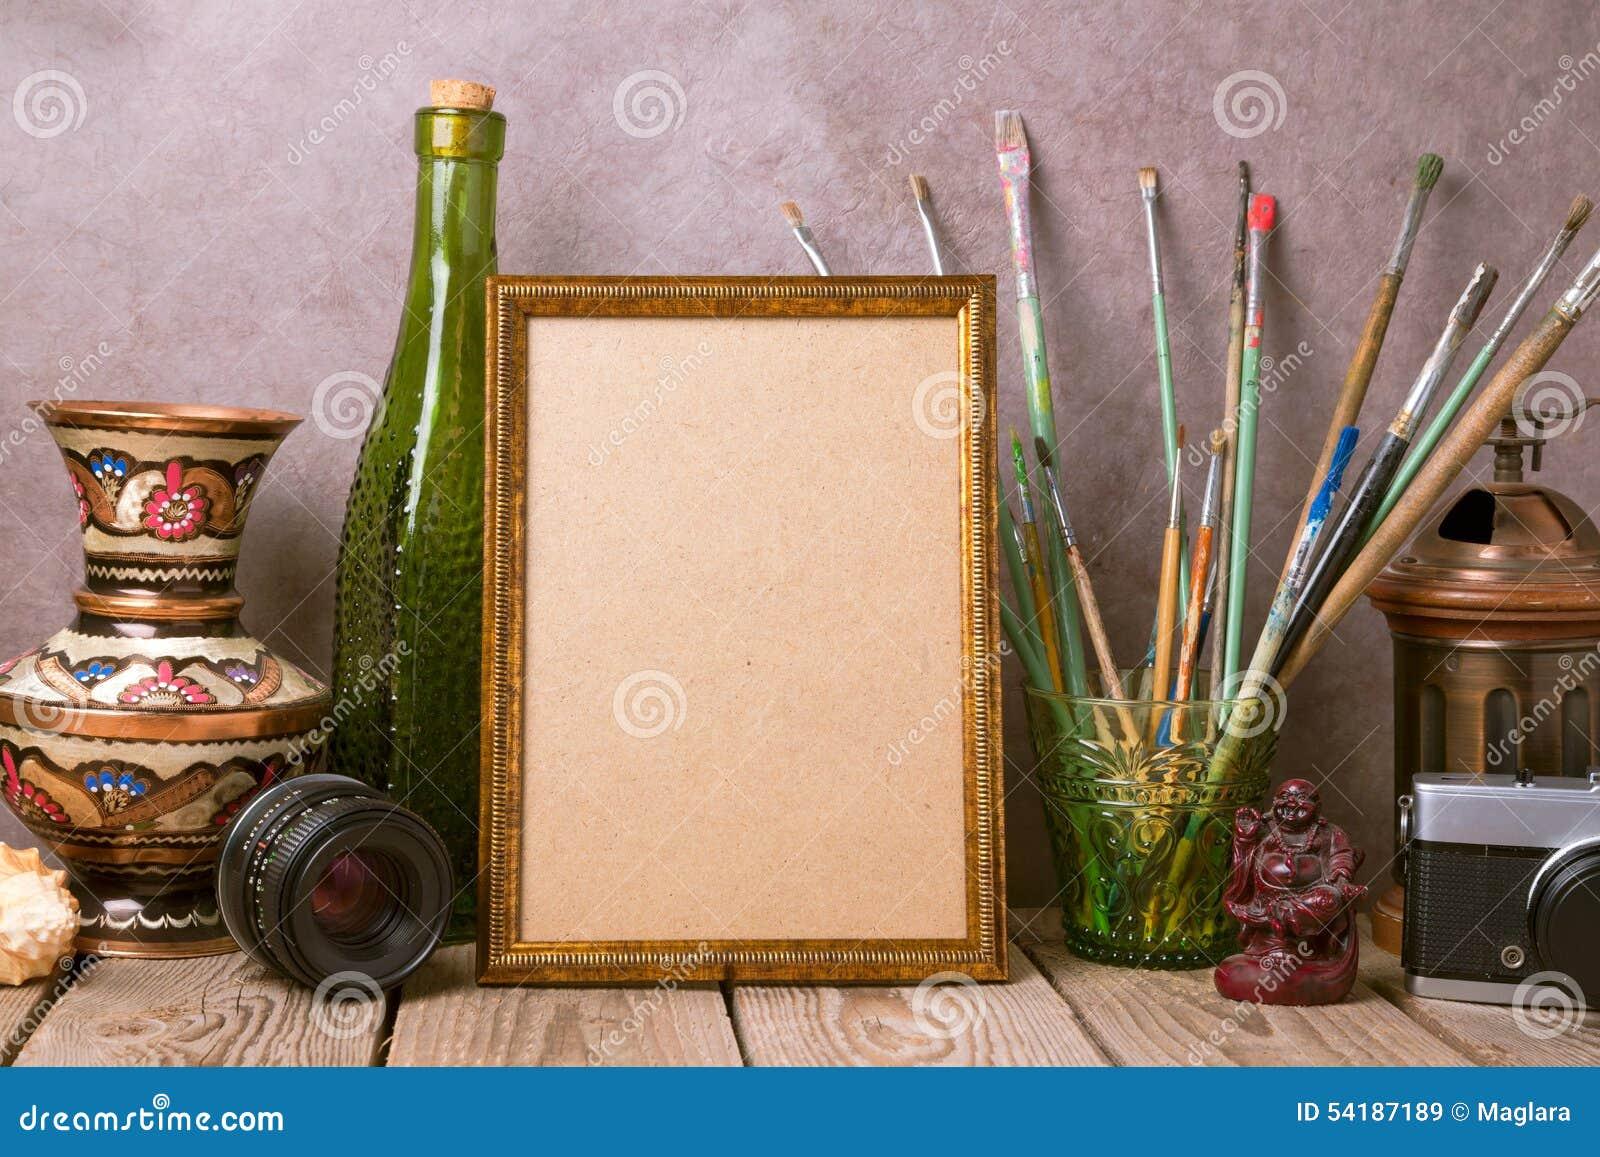 Verspotten Sie Herauf Plakatrahmen Mit Künstlerischen Gegenständen ...